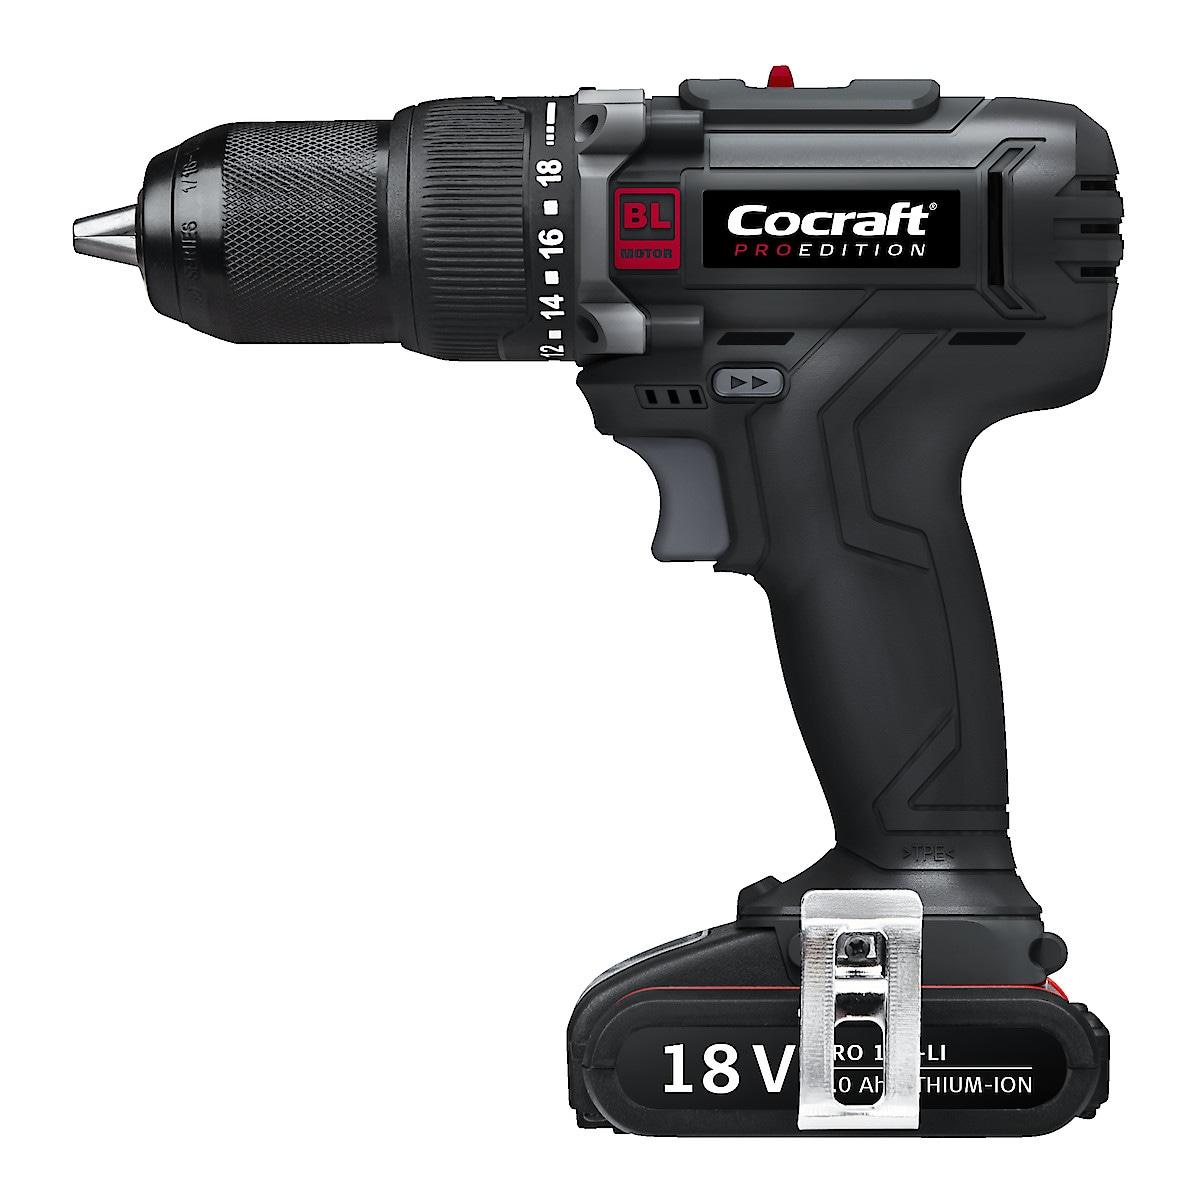 Cocraft PRO Edition DH18-BL drill